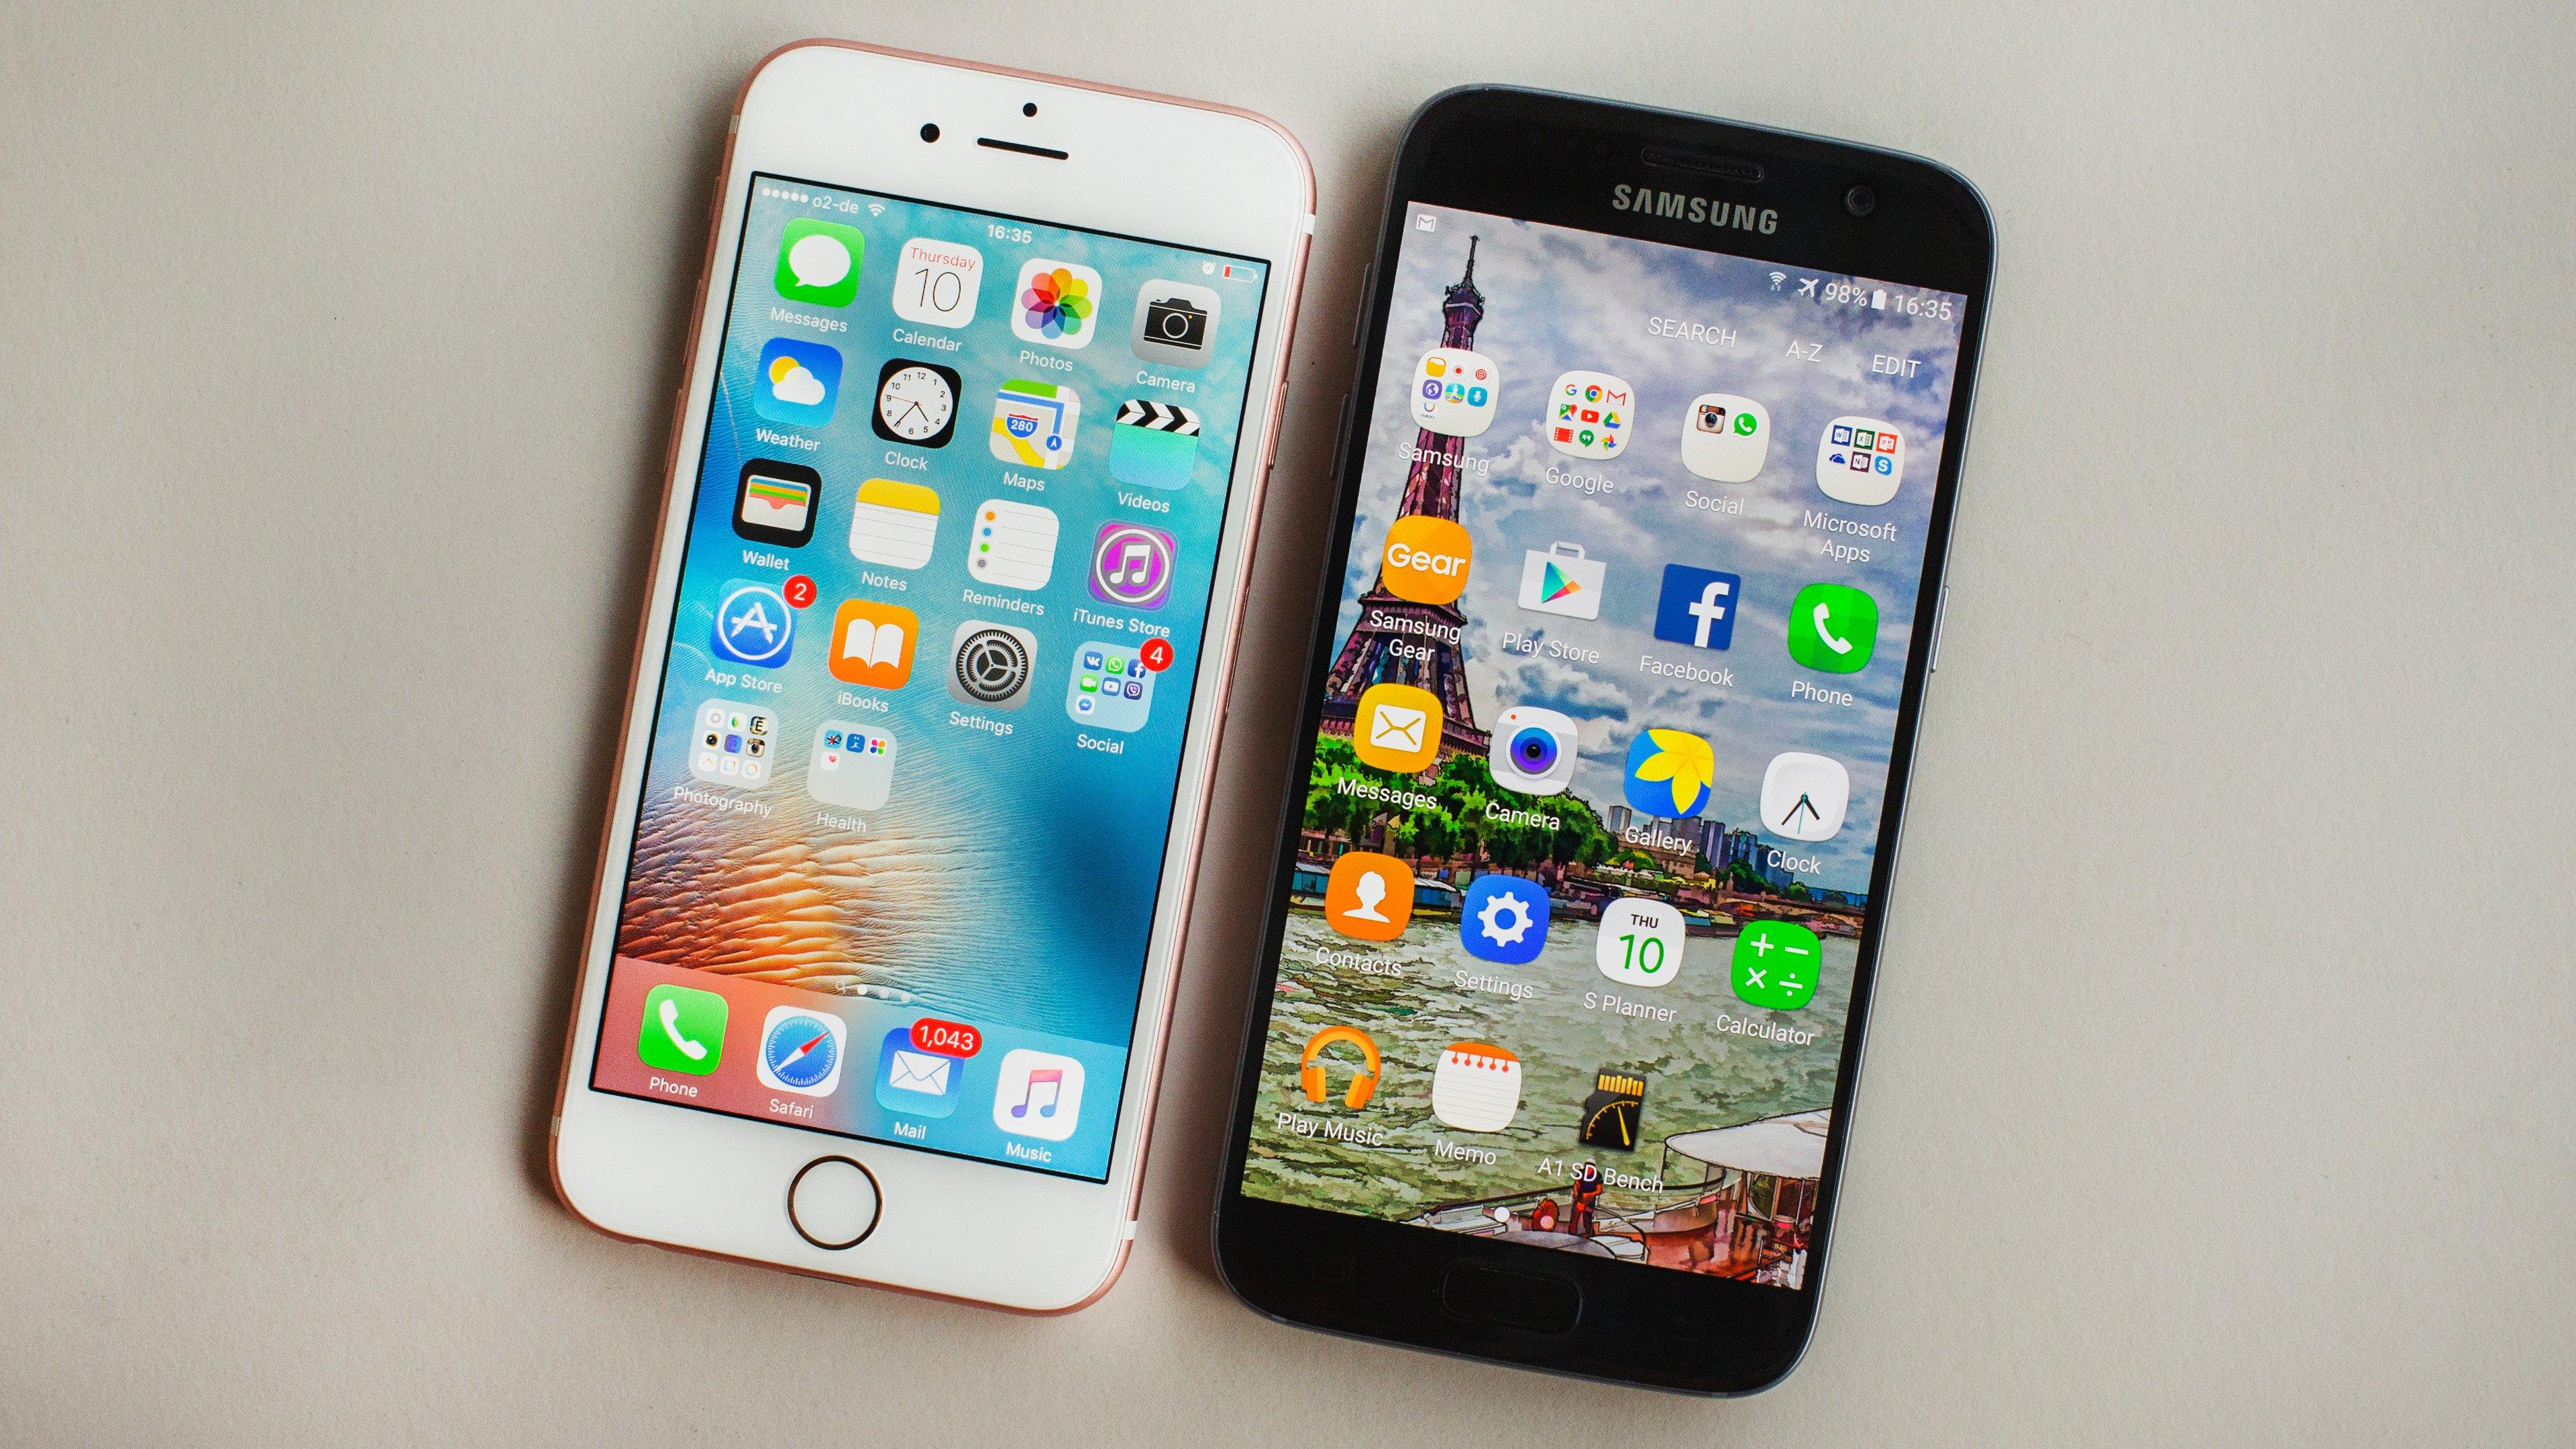 Samsung Galaxy S7 Mini: La competencia del iPhone SE - AndroidPIT